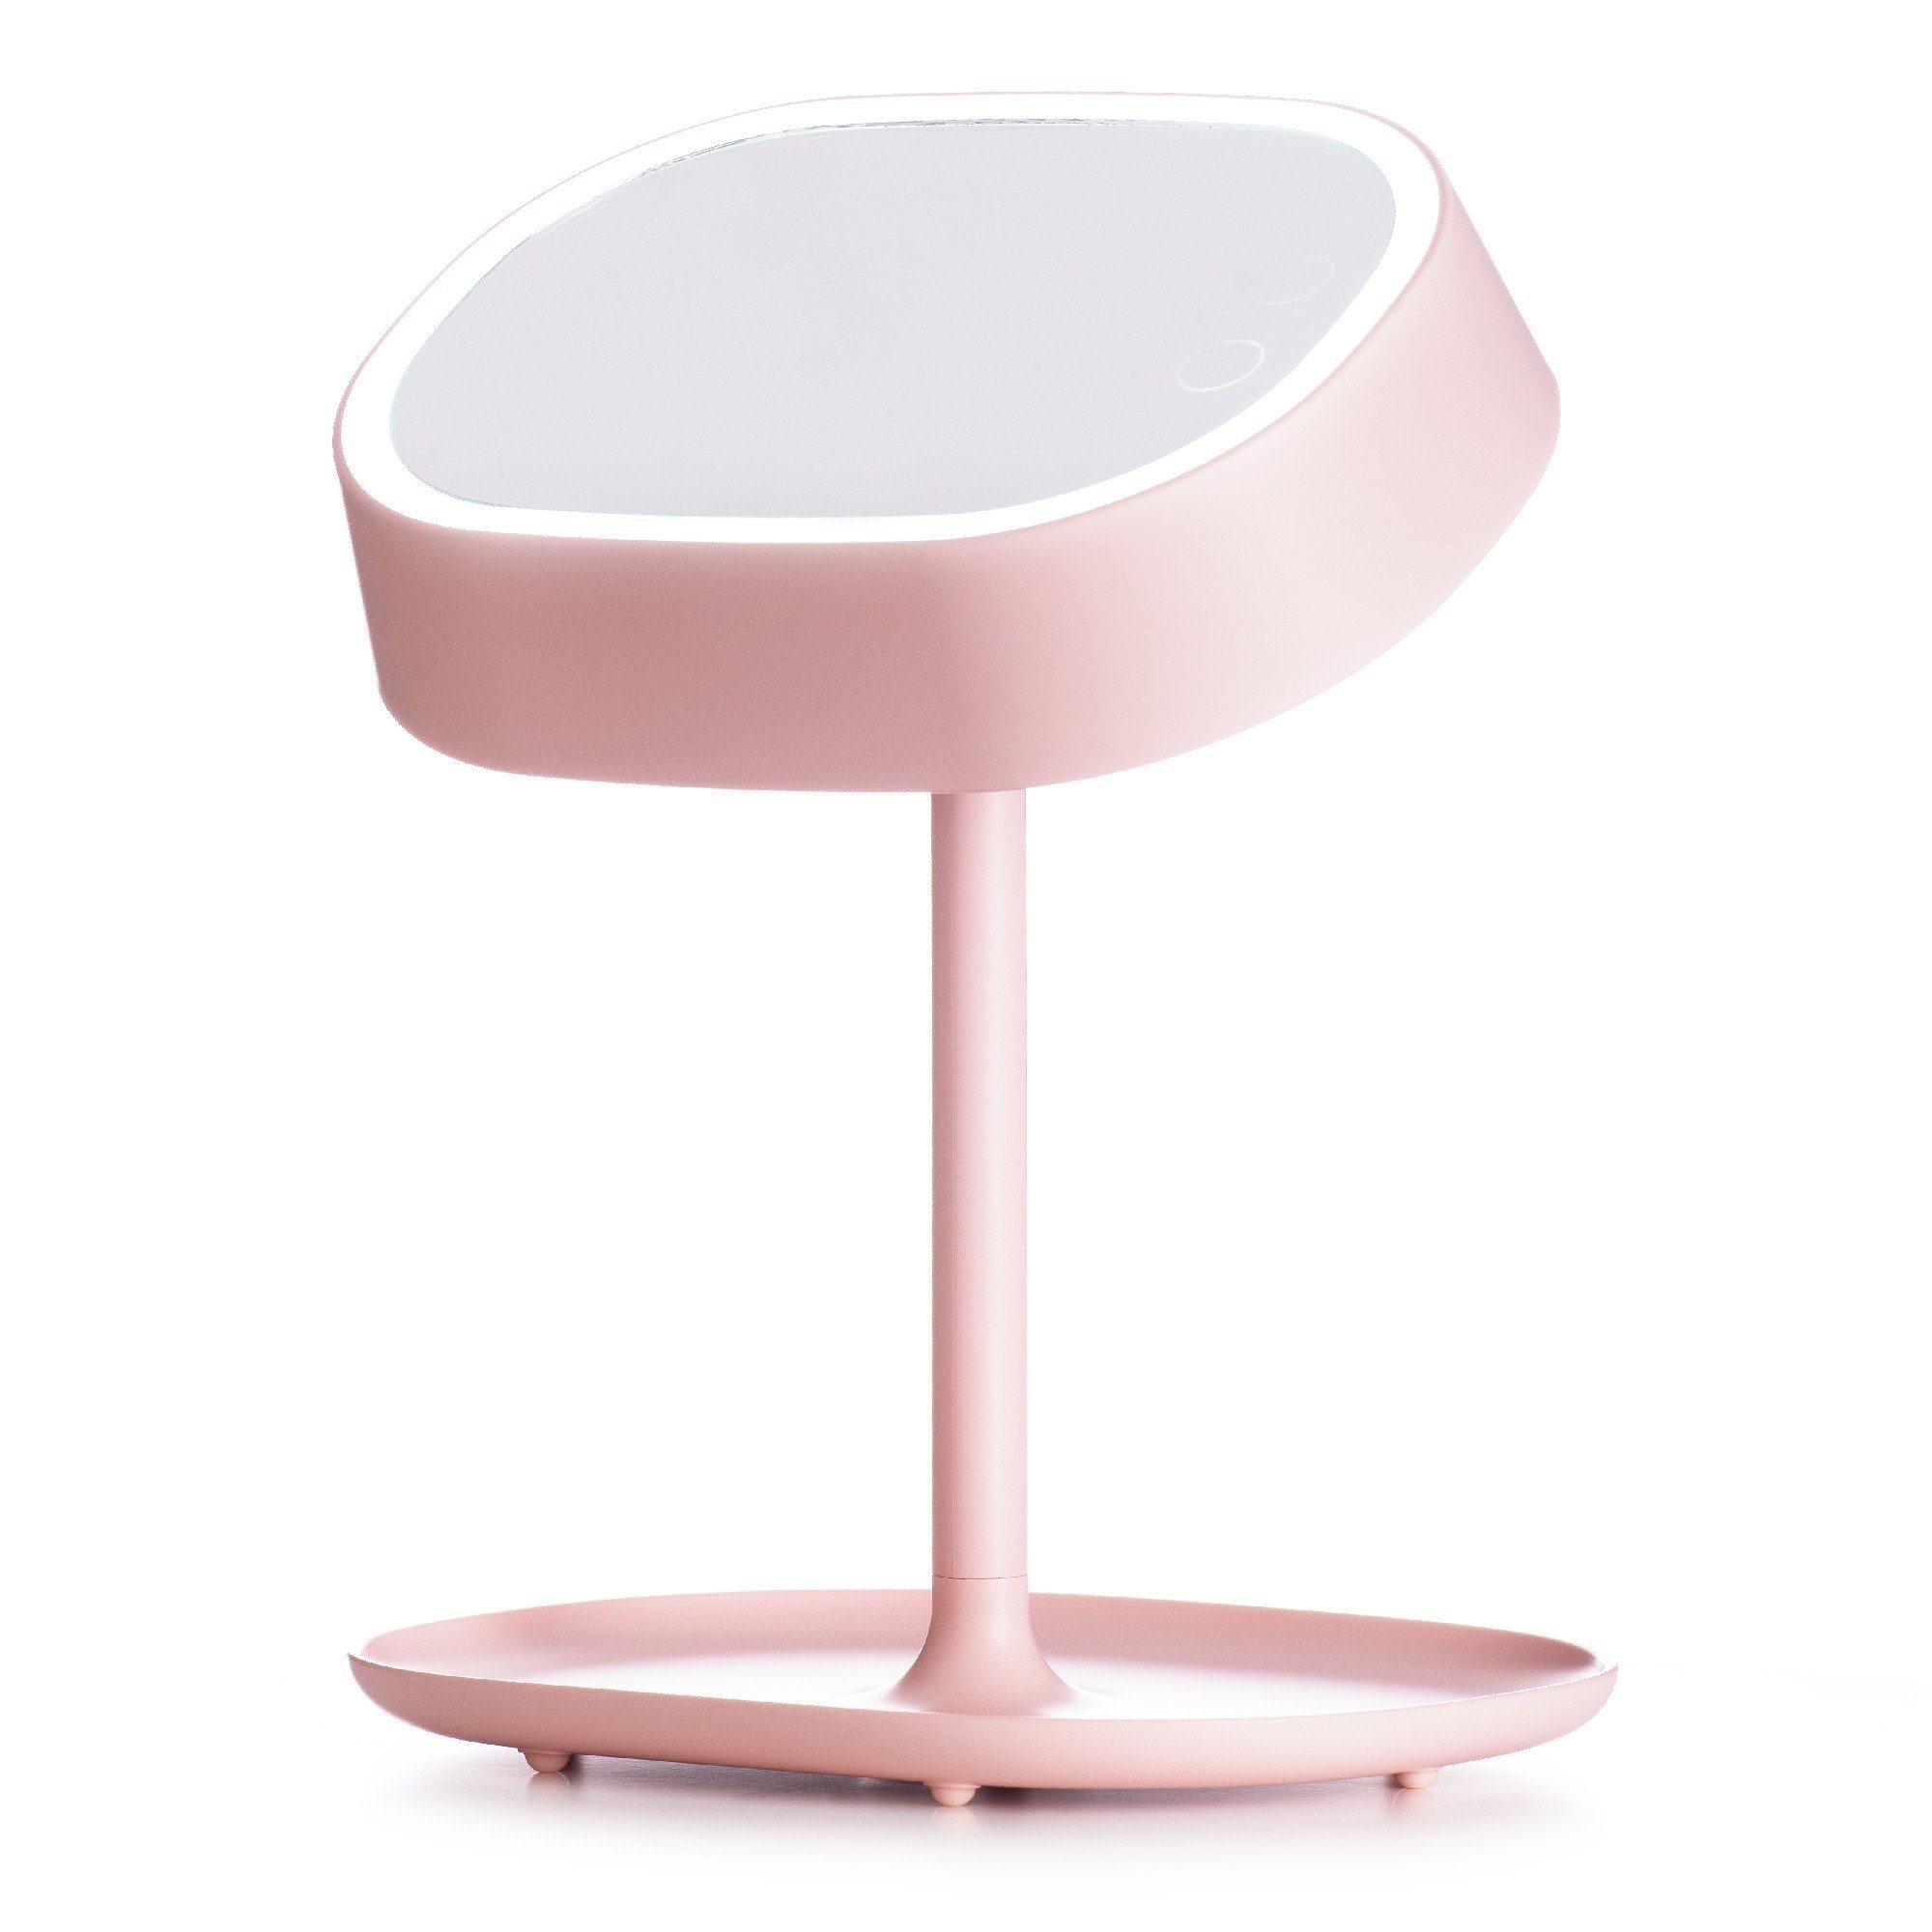 Lumipop Vanity Lamp Vanity Mirror & Table Lamp Pastel Pink